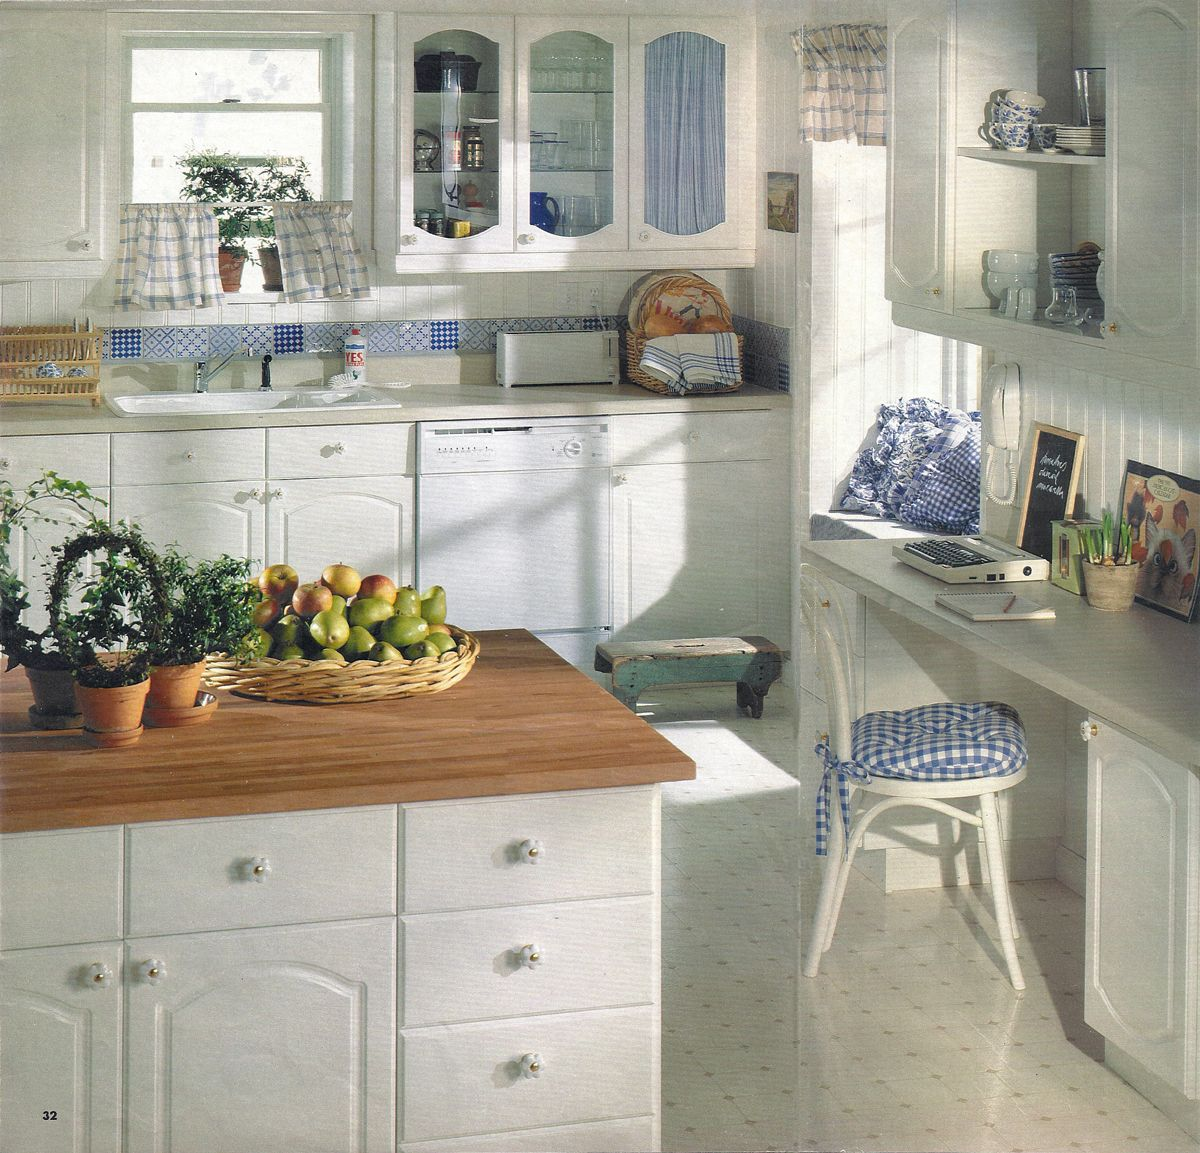 Ikea Kitchen Ads: Timeless Romantic Kitchen - Ikea 1996